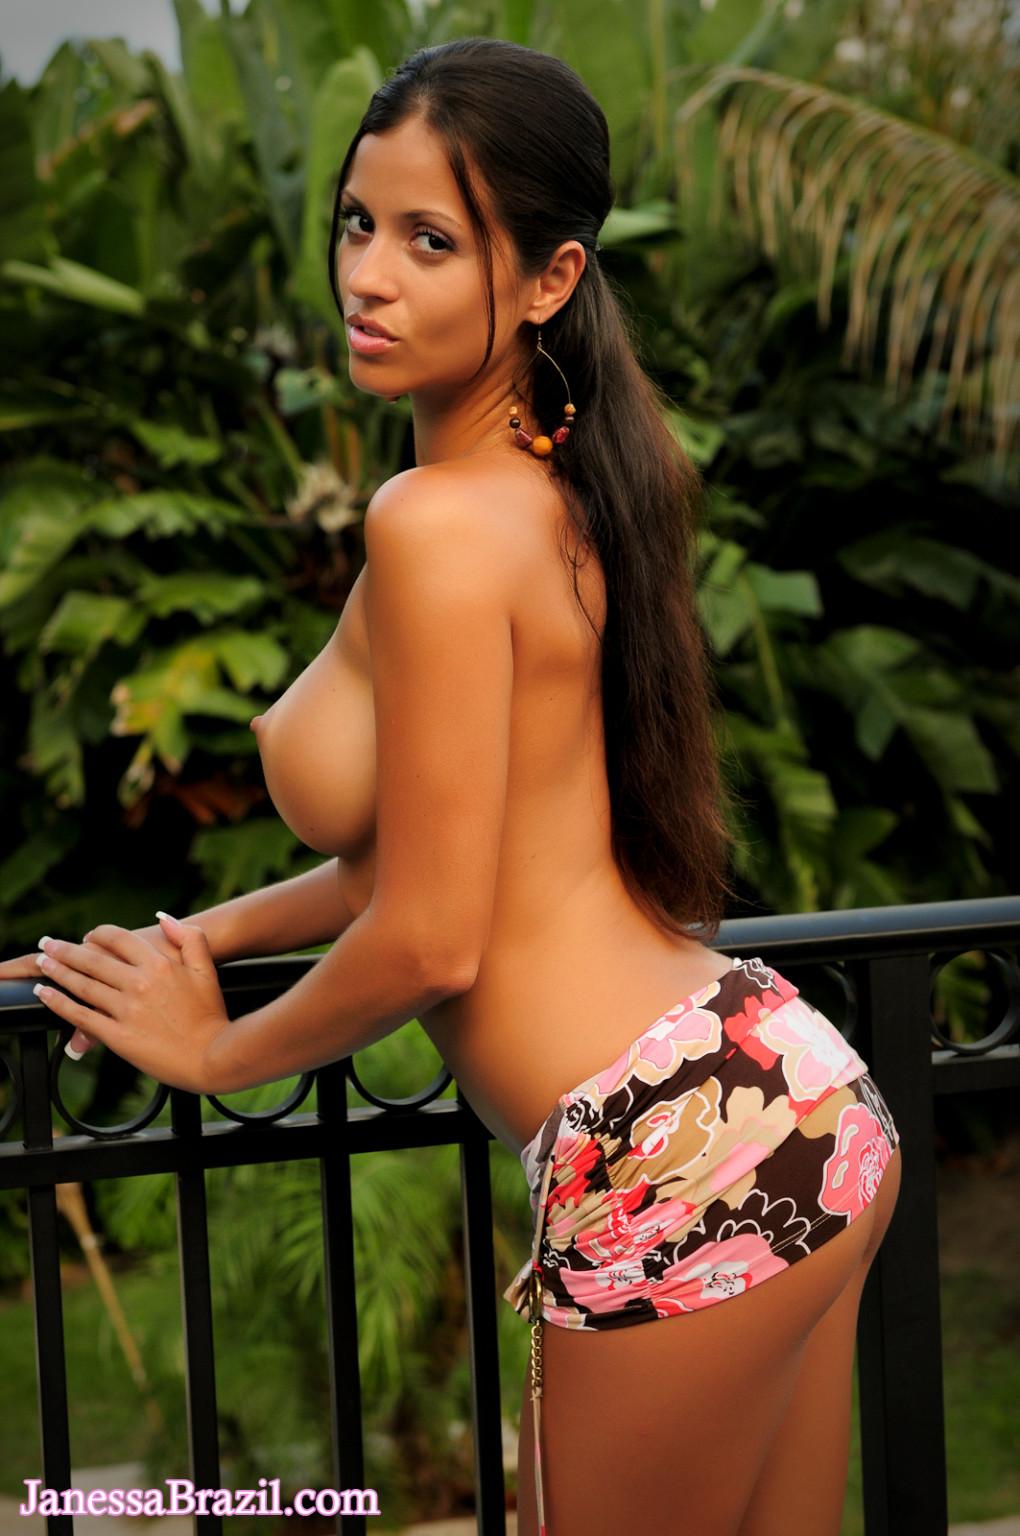 Эффектная бразильская брюнетка показывает свое невероятное тело, приманивая взглядом